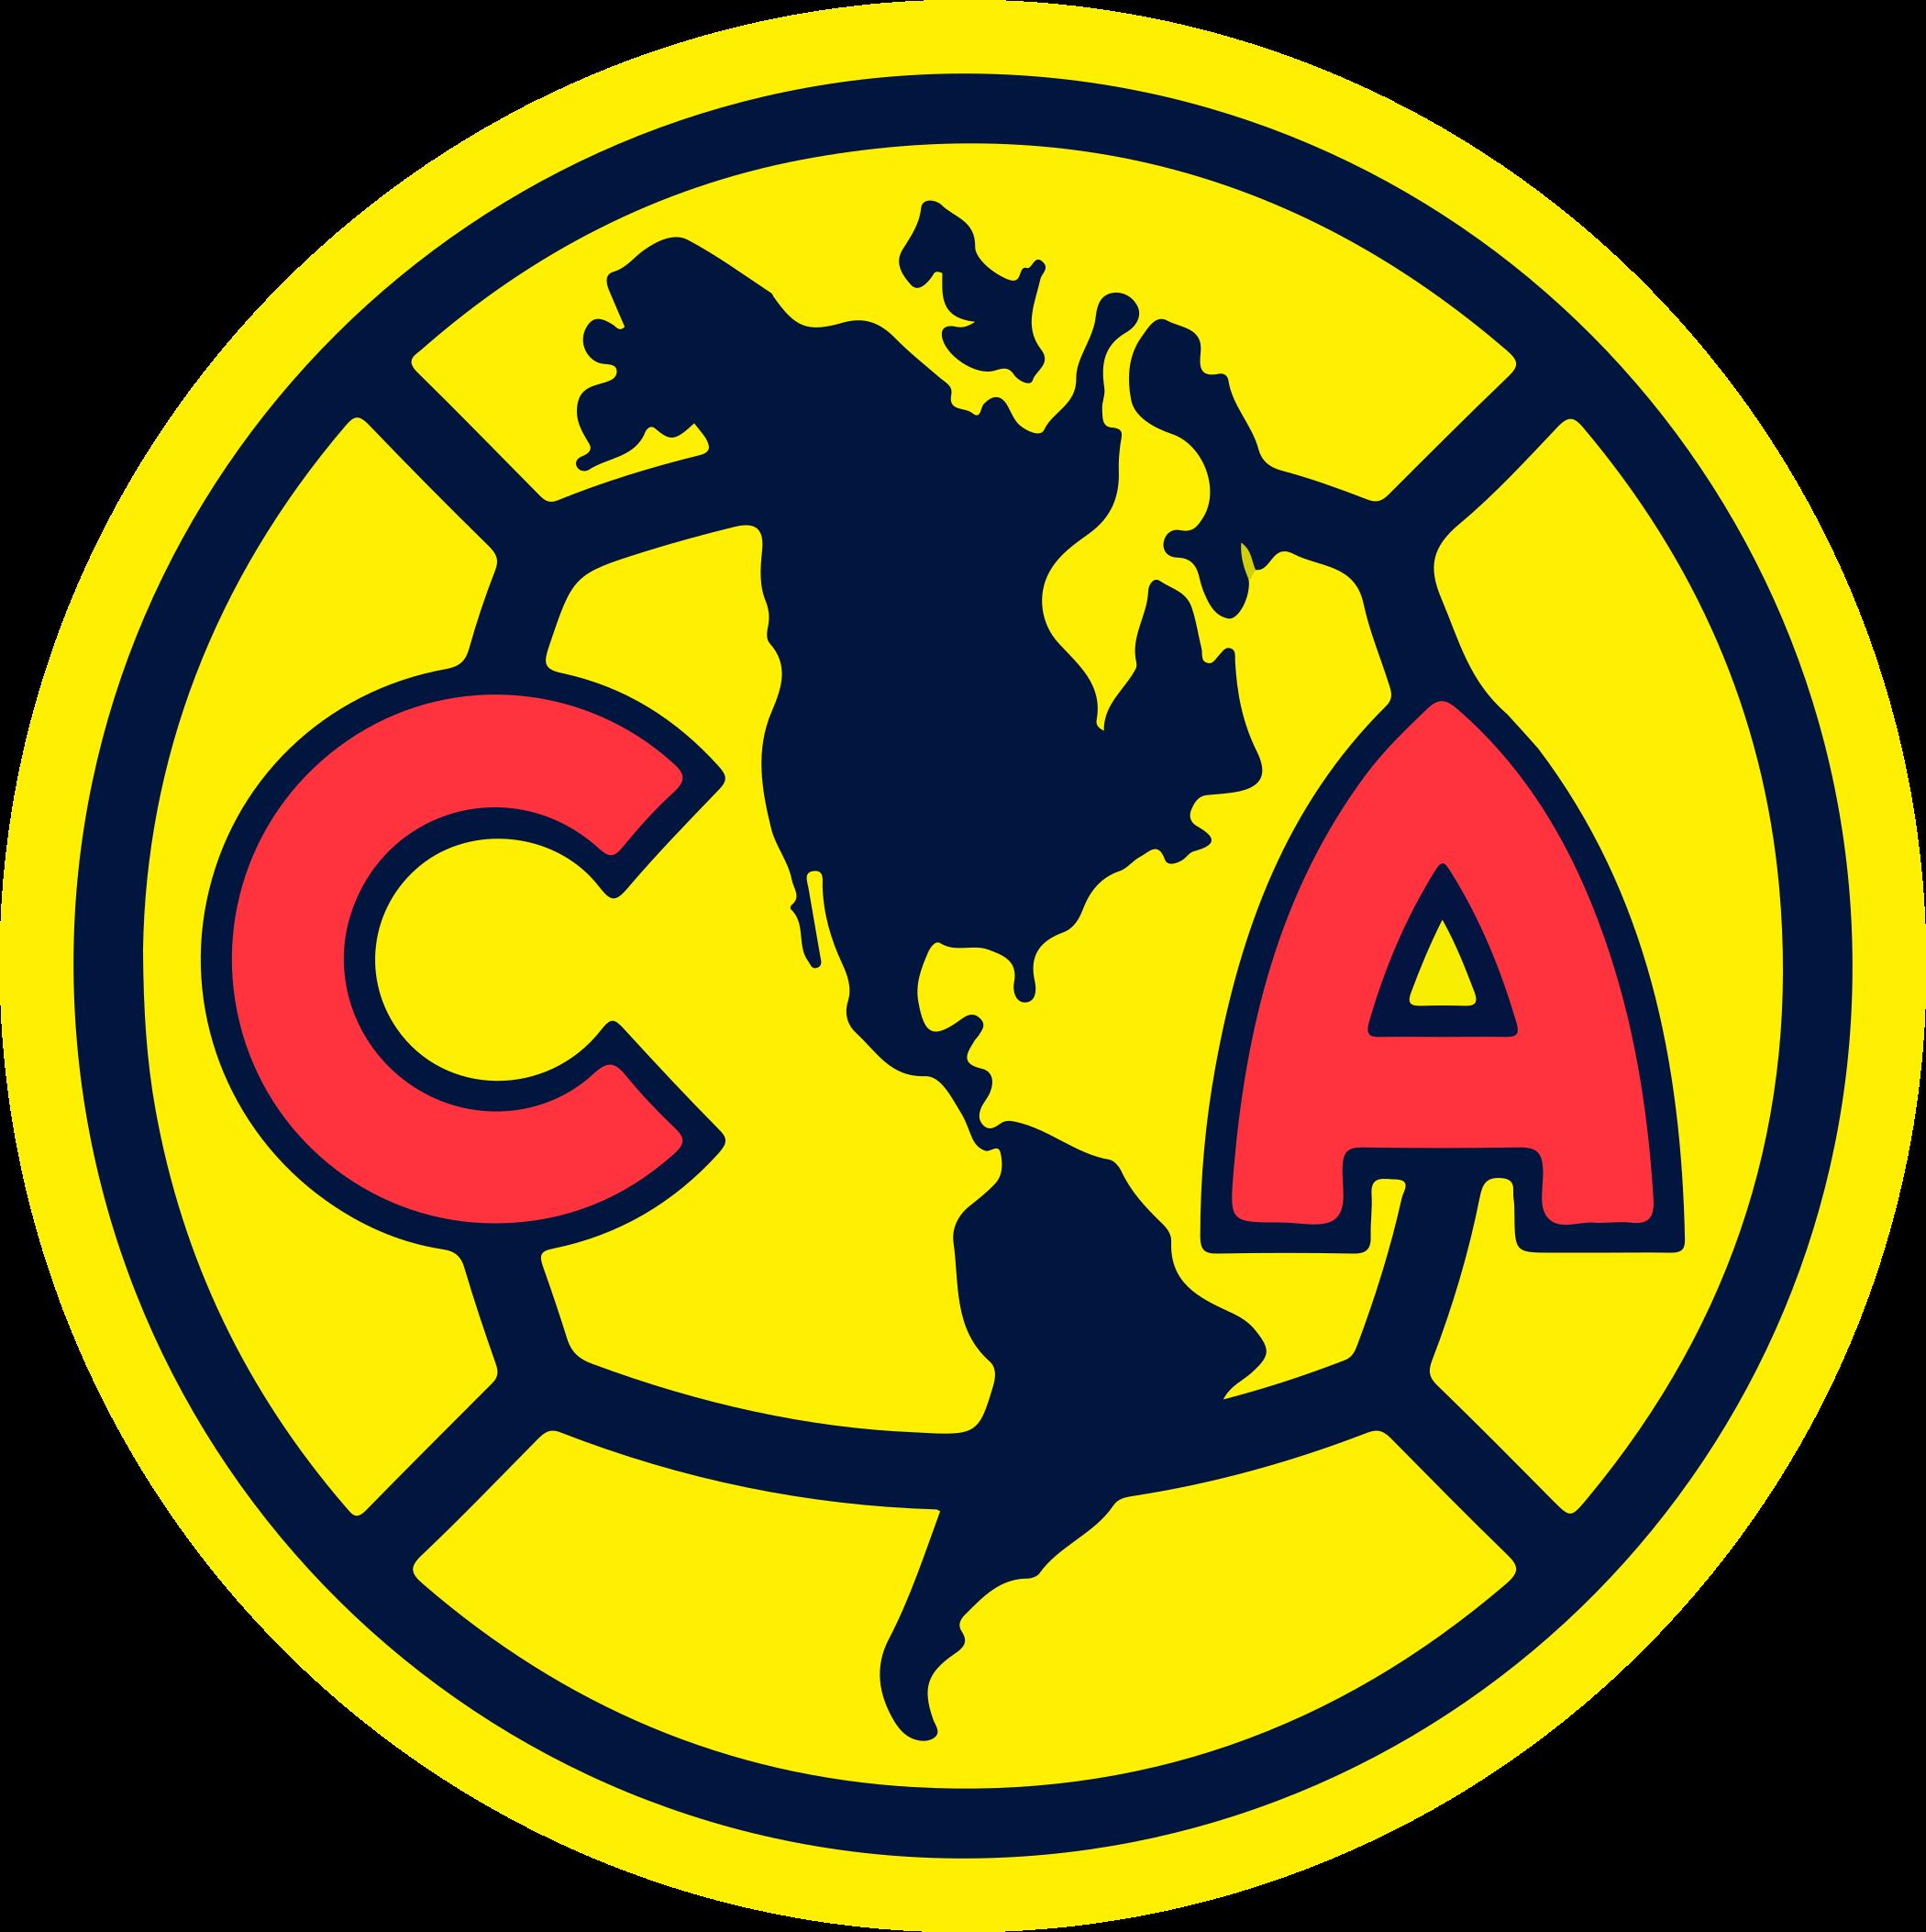 america mexico logo 1 - Club América Logo - Escudo